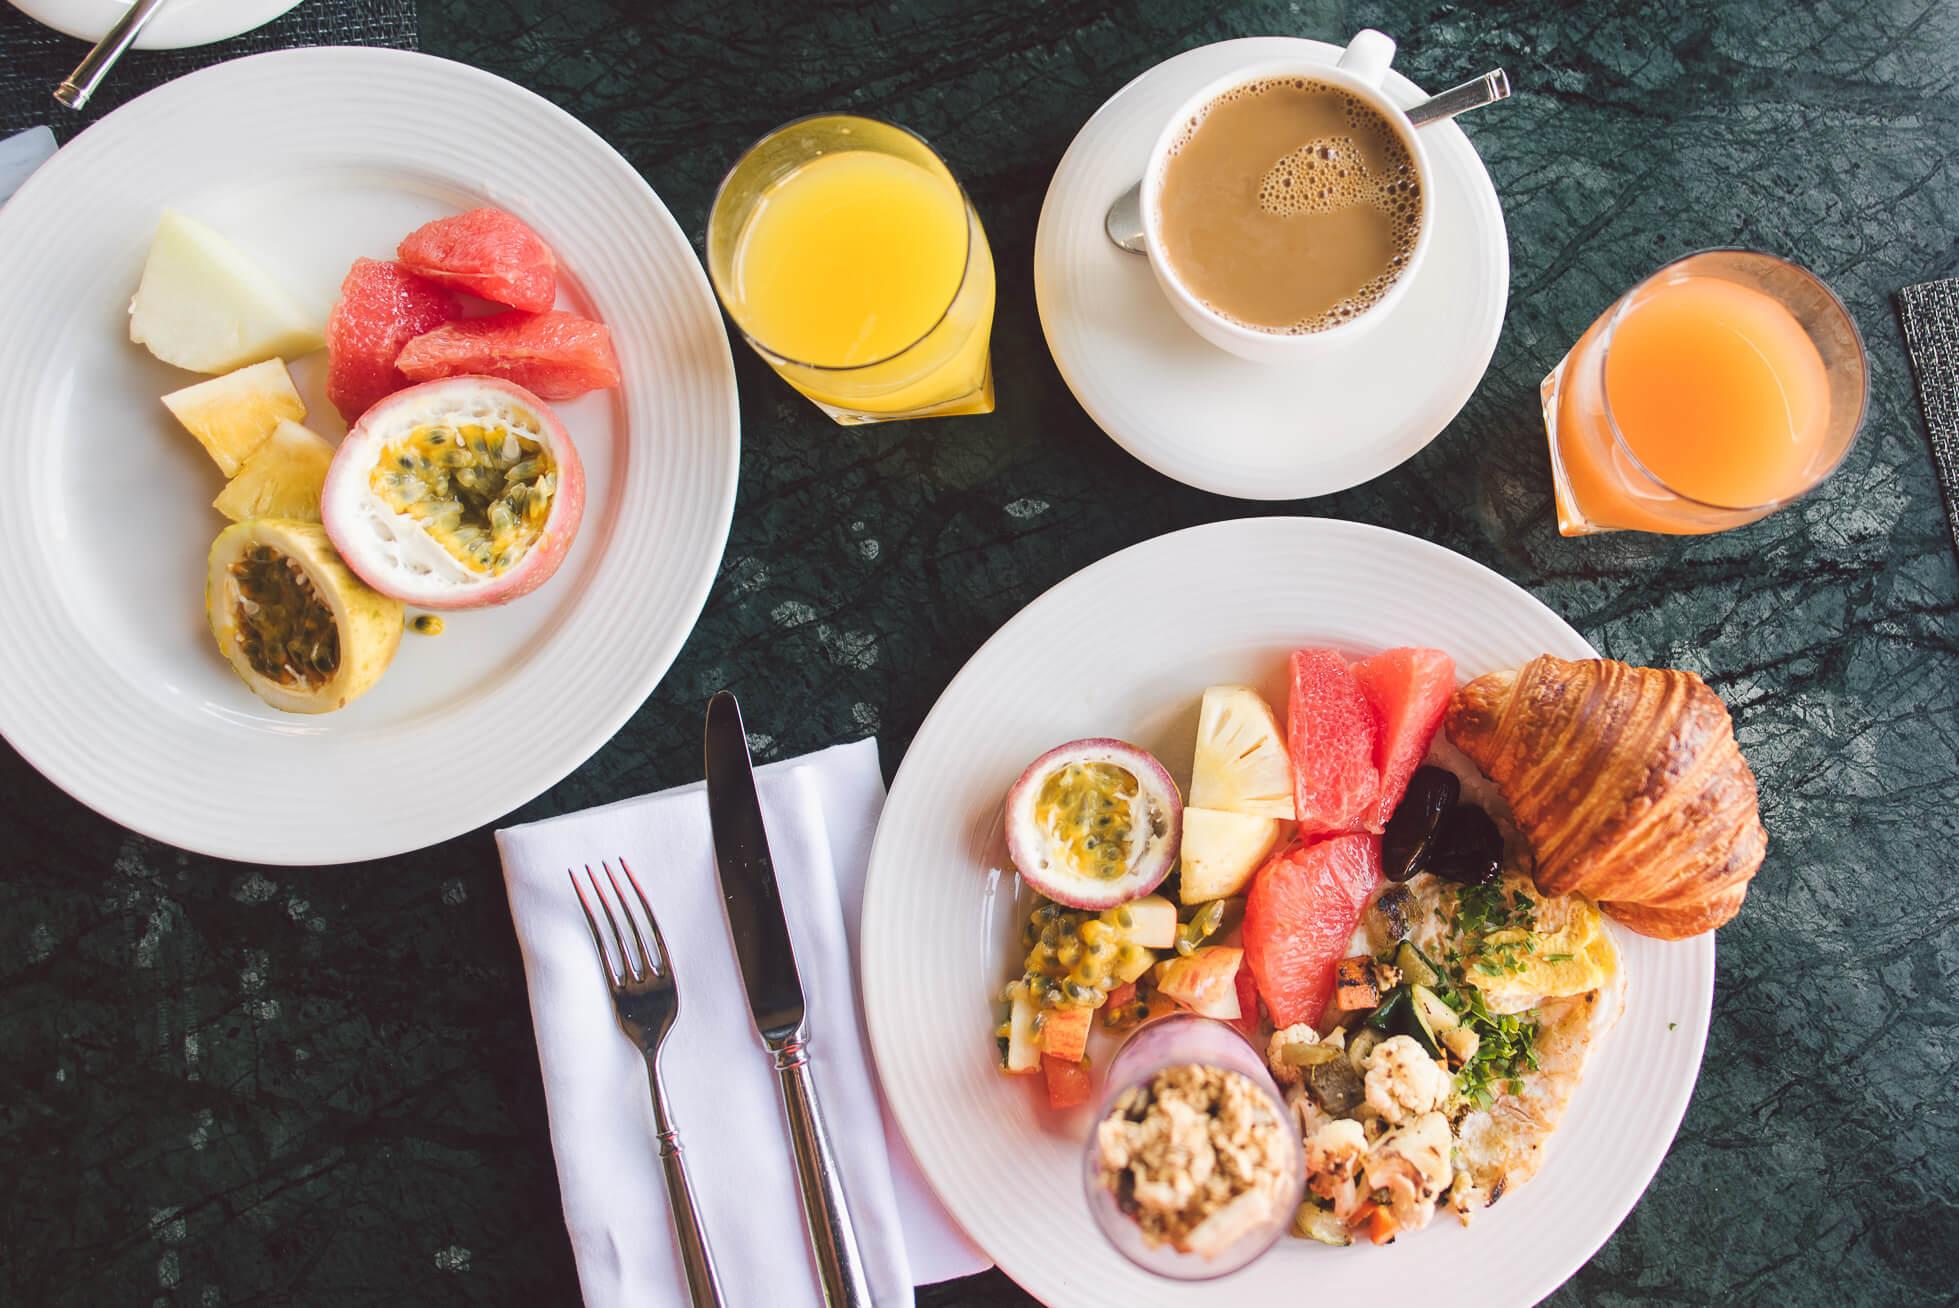 janni-deler-breakfast-viewDSC_3877